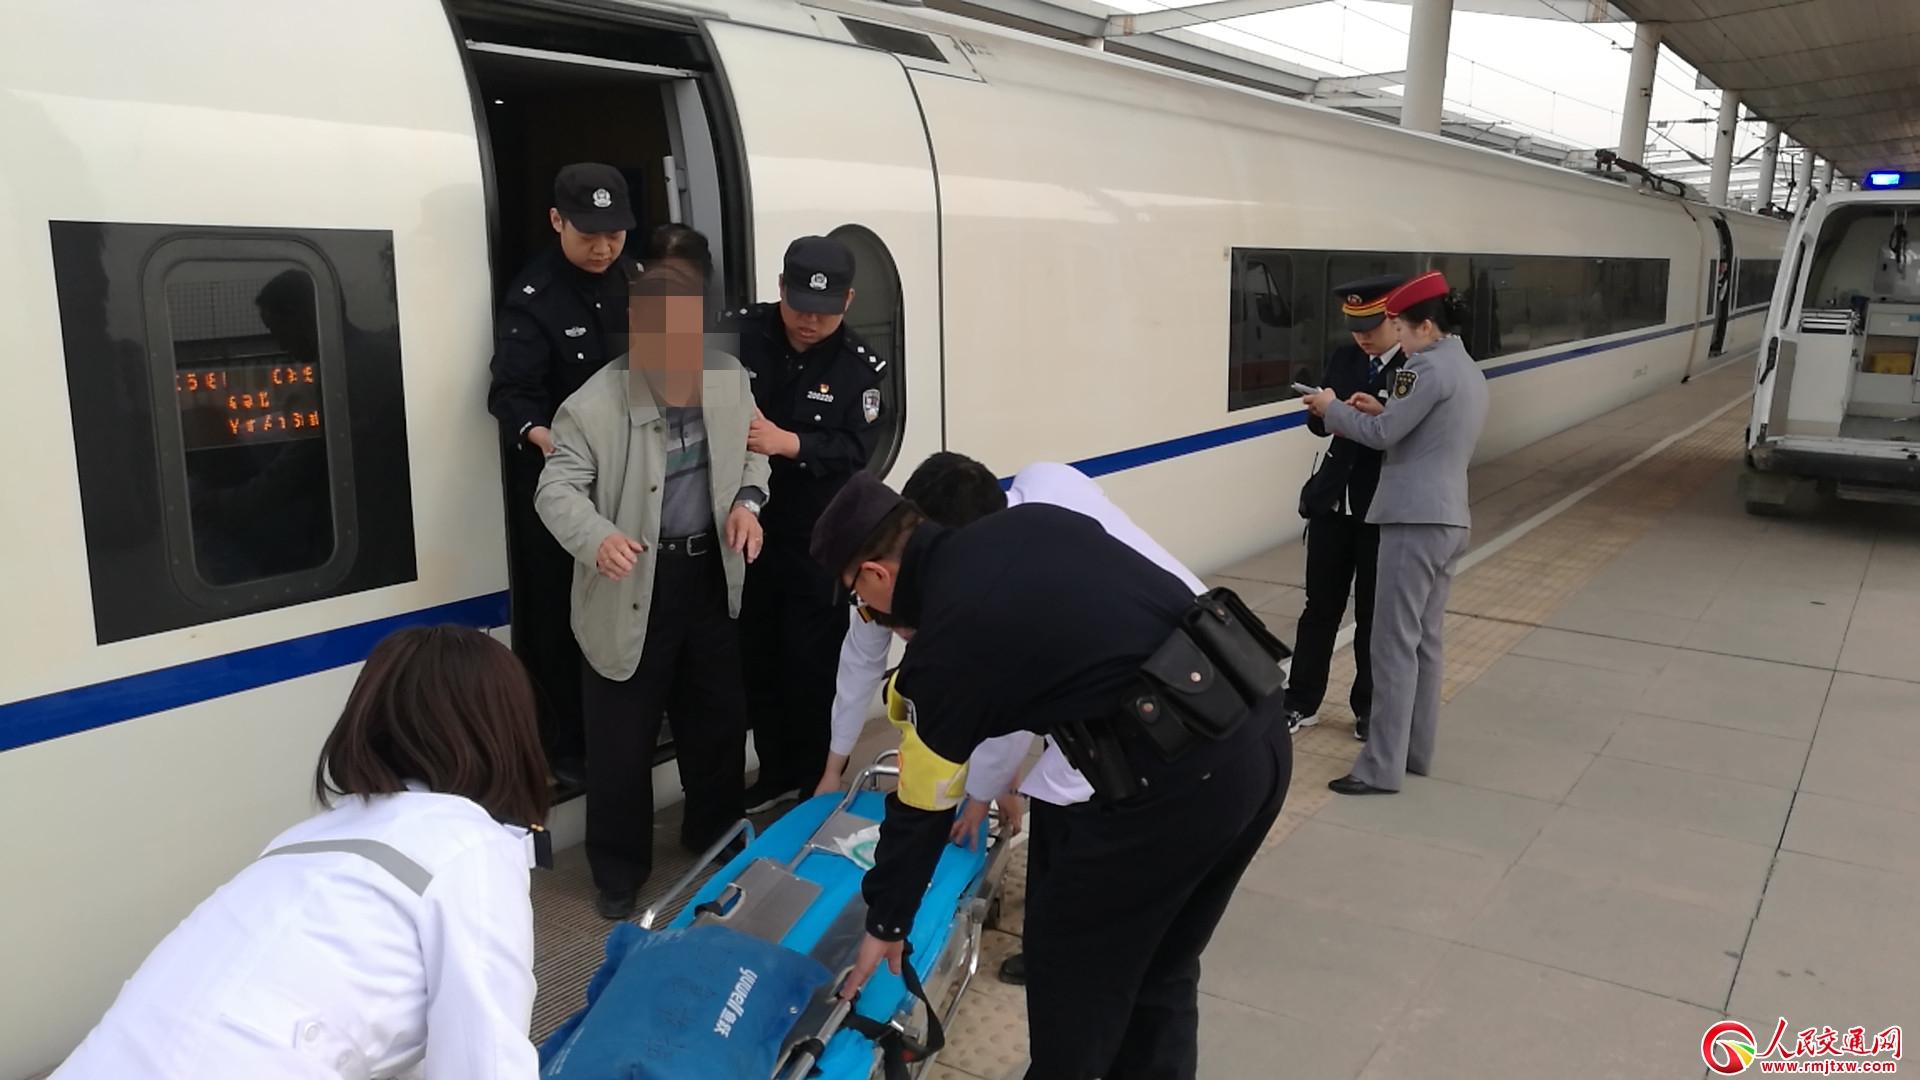 旅客动车上发病心脏不适 铁路民警紧急送医救助